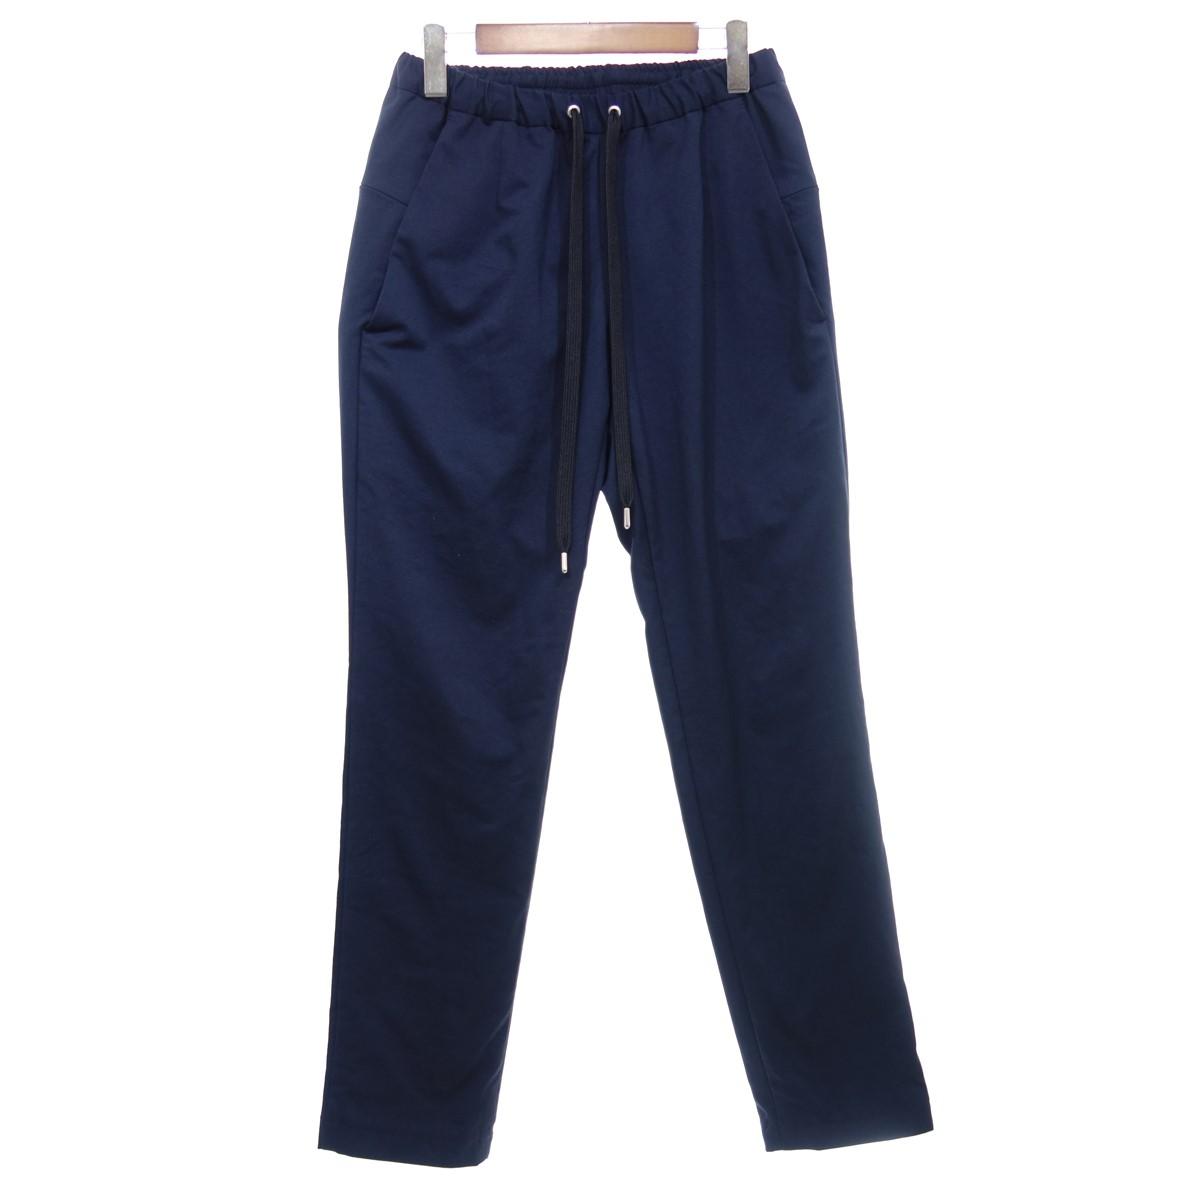 【中古】TEATORA Wallet Pants SNEAKERS パンツ ネイビー サイズ:46 【260320】(テアトラ)